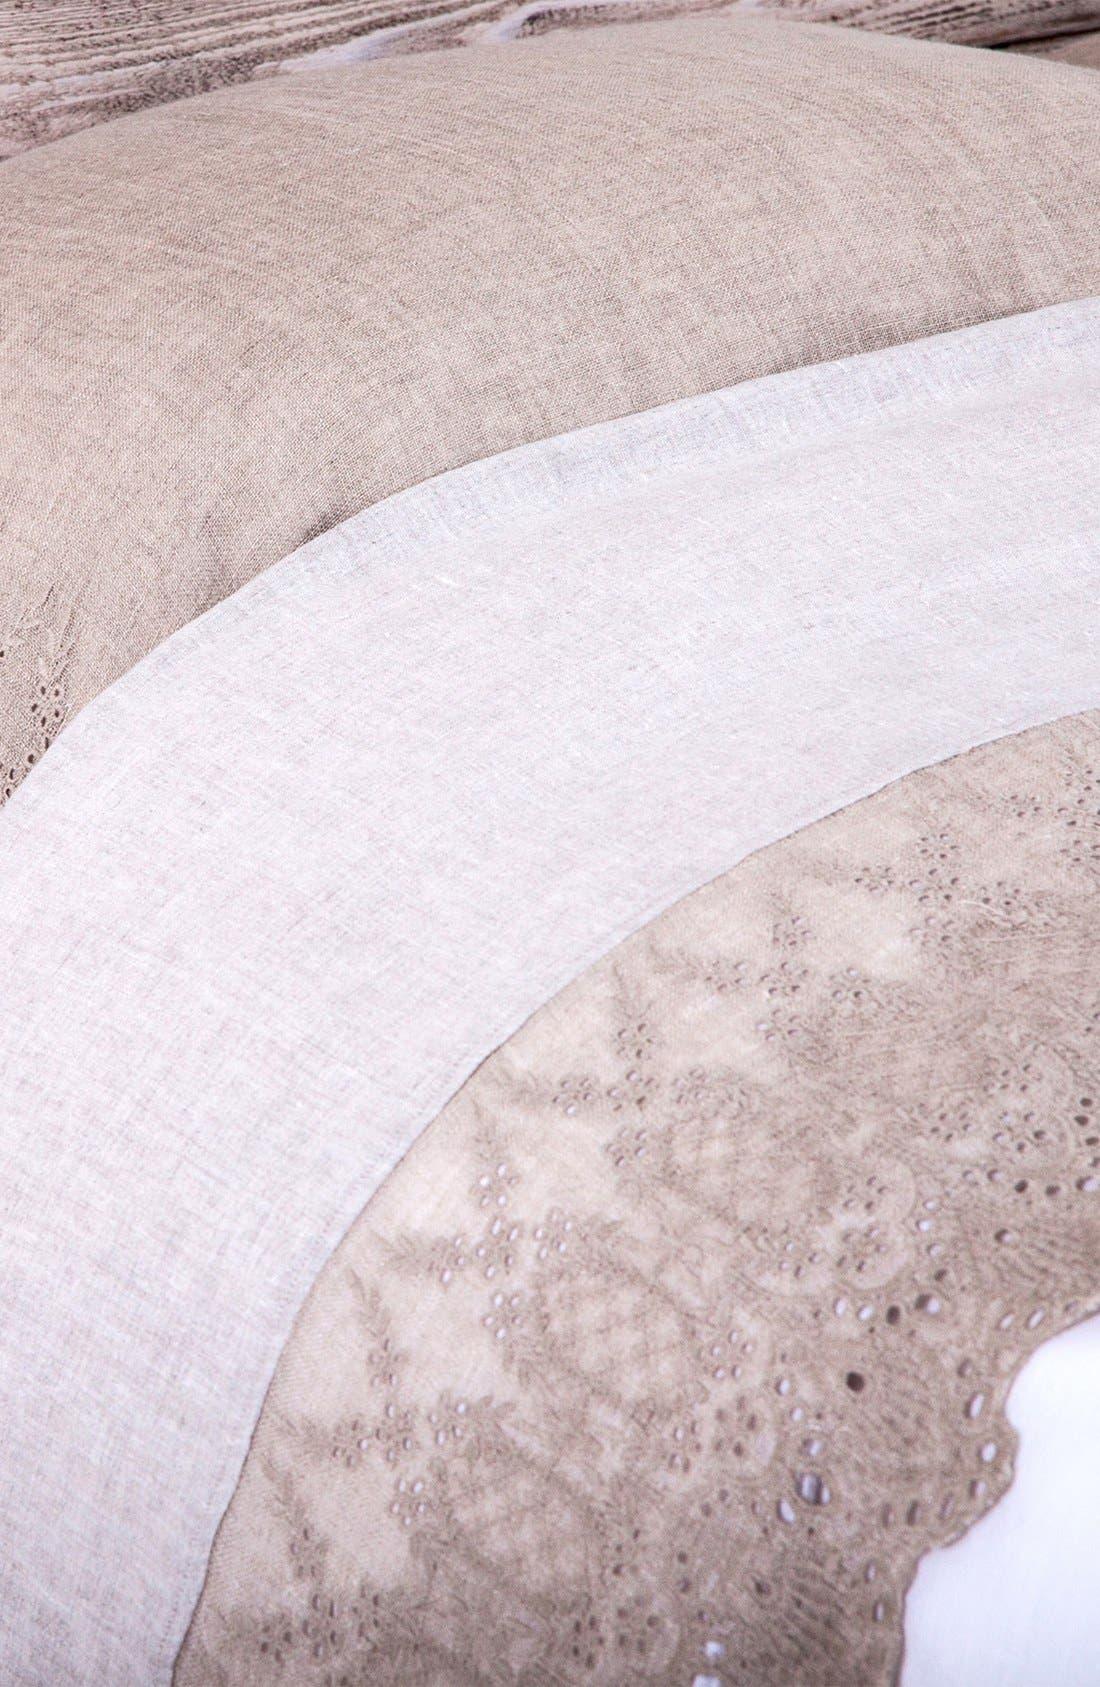 POM POM AT HOME 'Annabelle' Linen Flat Sheet